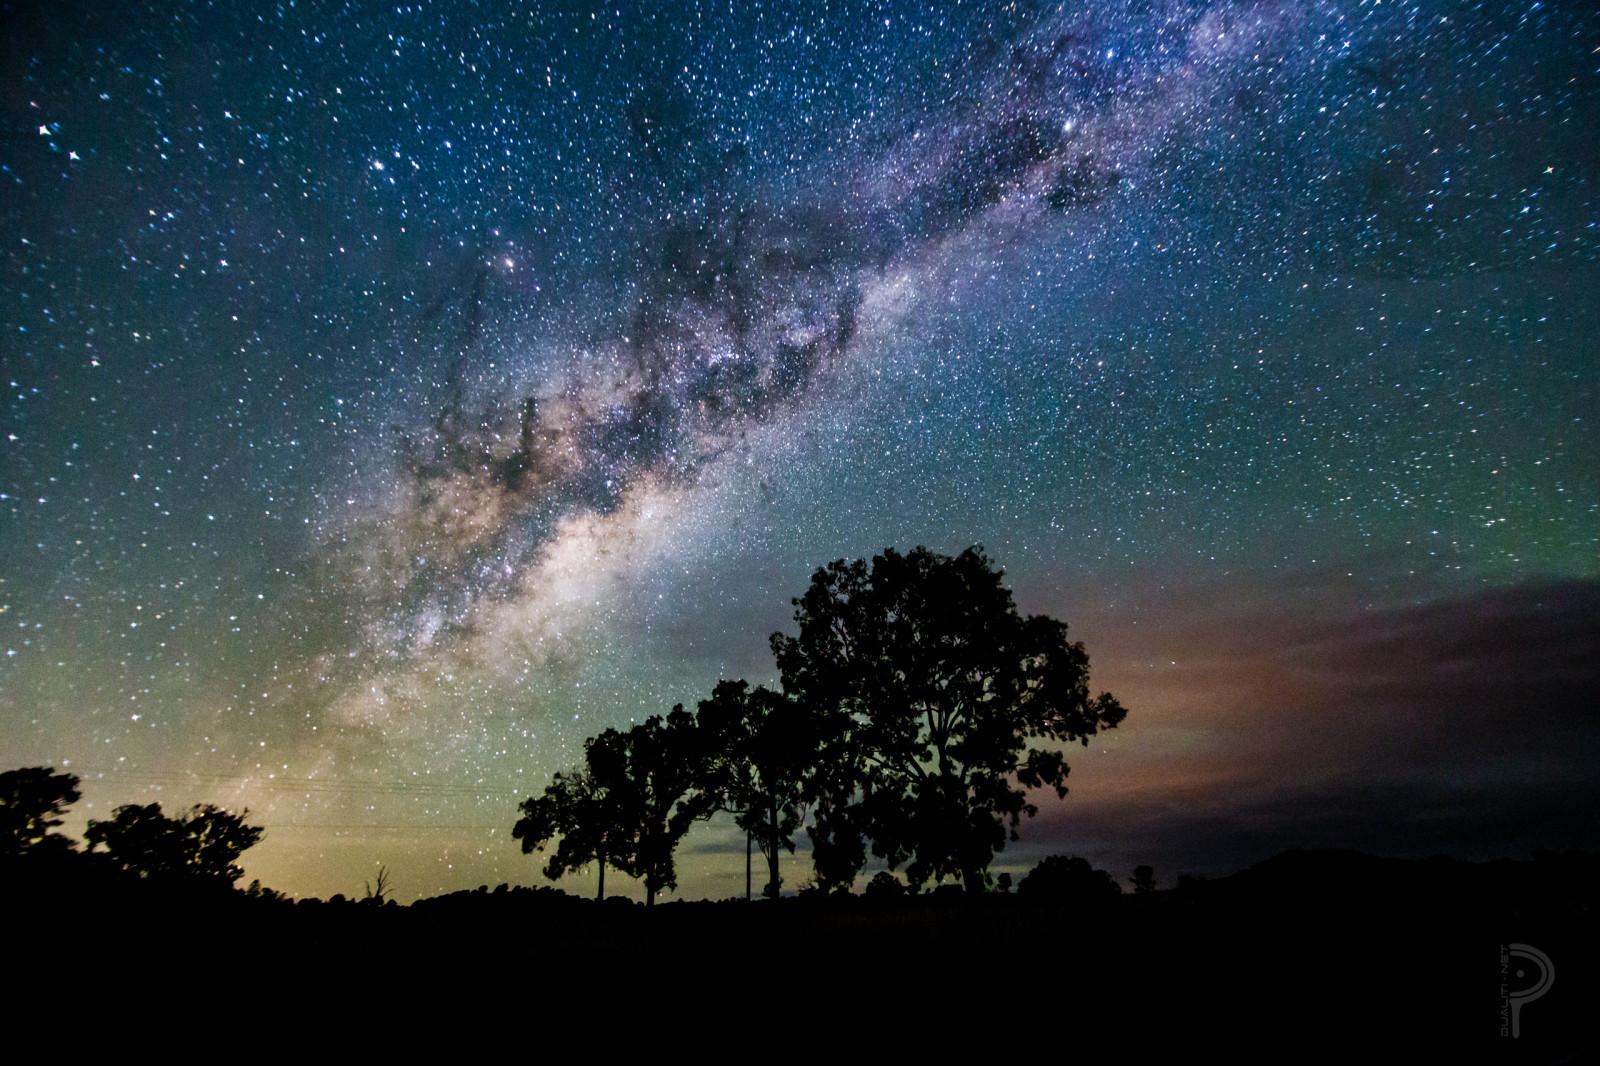 последняя австралия млечный путь фото отдельная категория